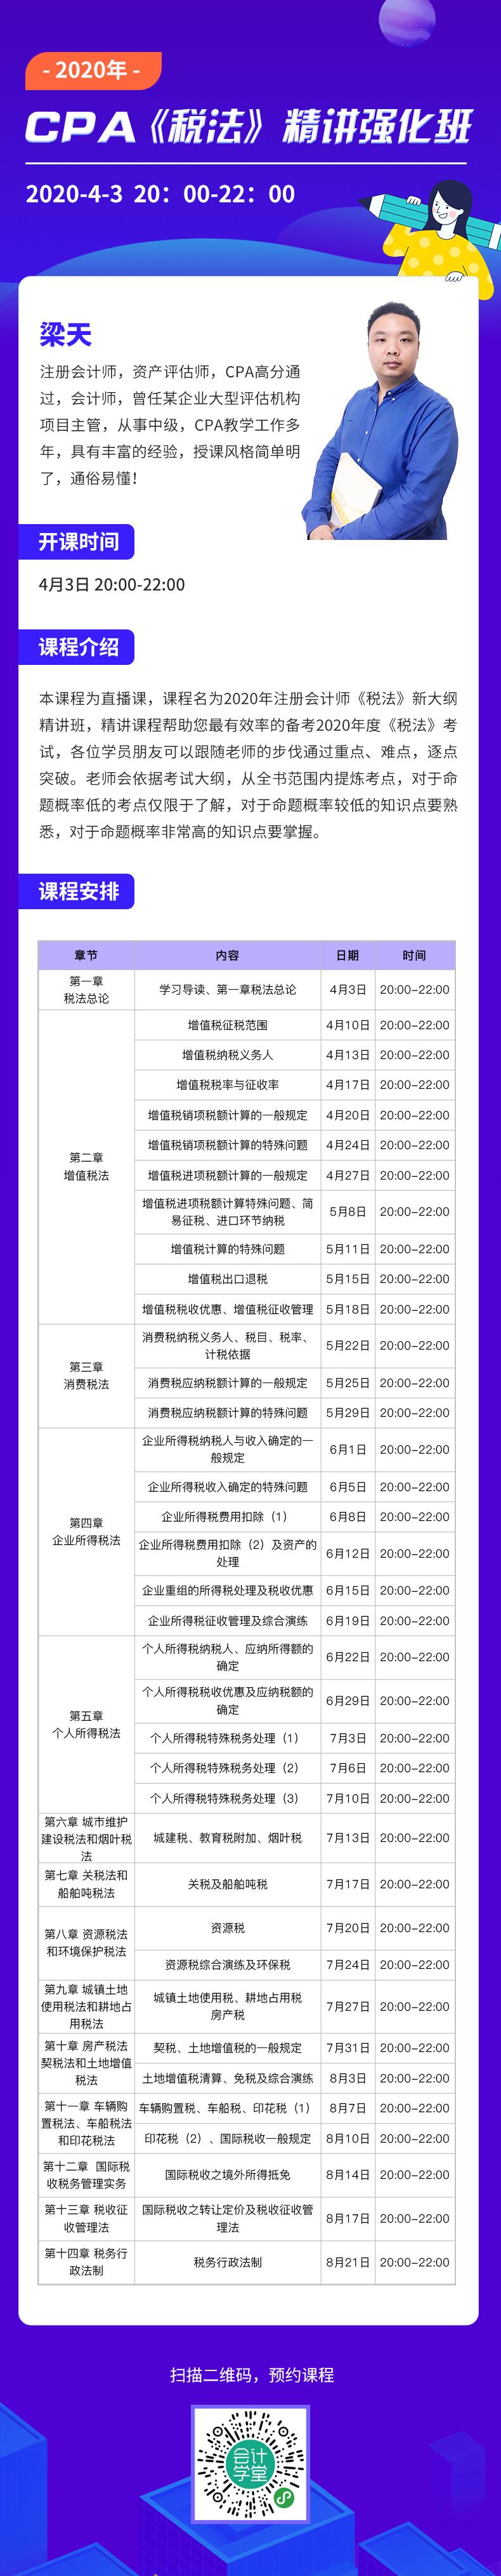 梁天-2020年-CPA-《稅法》精講強化班.jpg